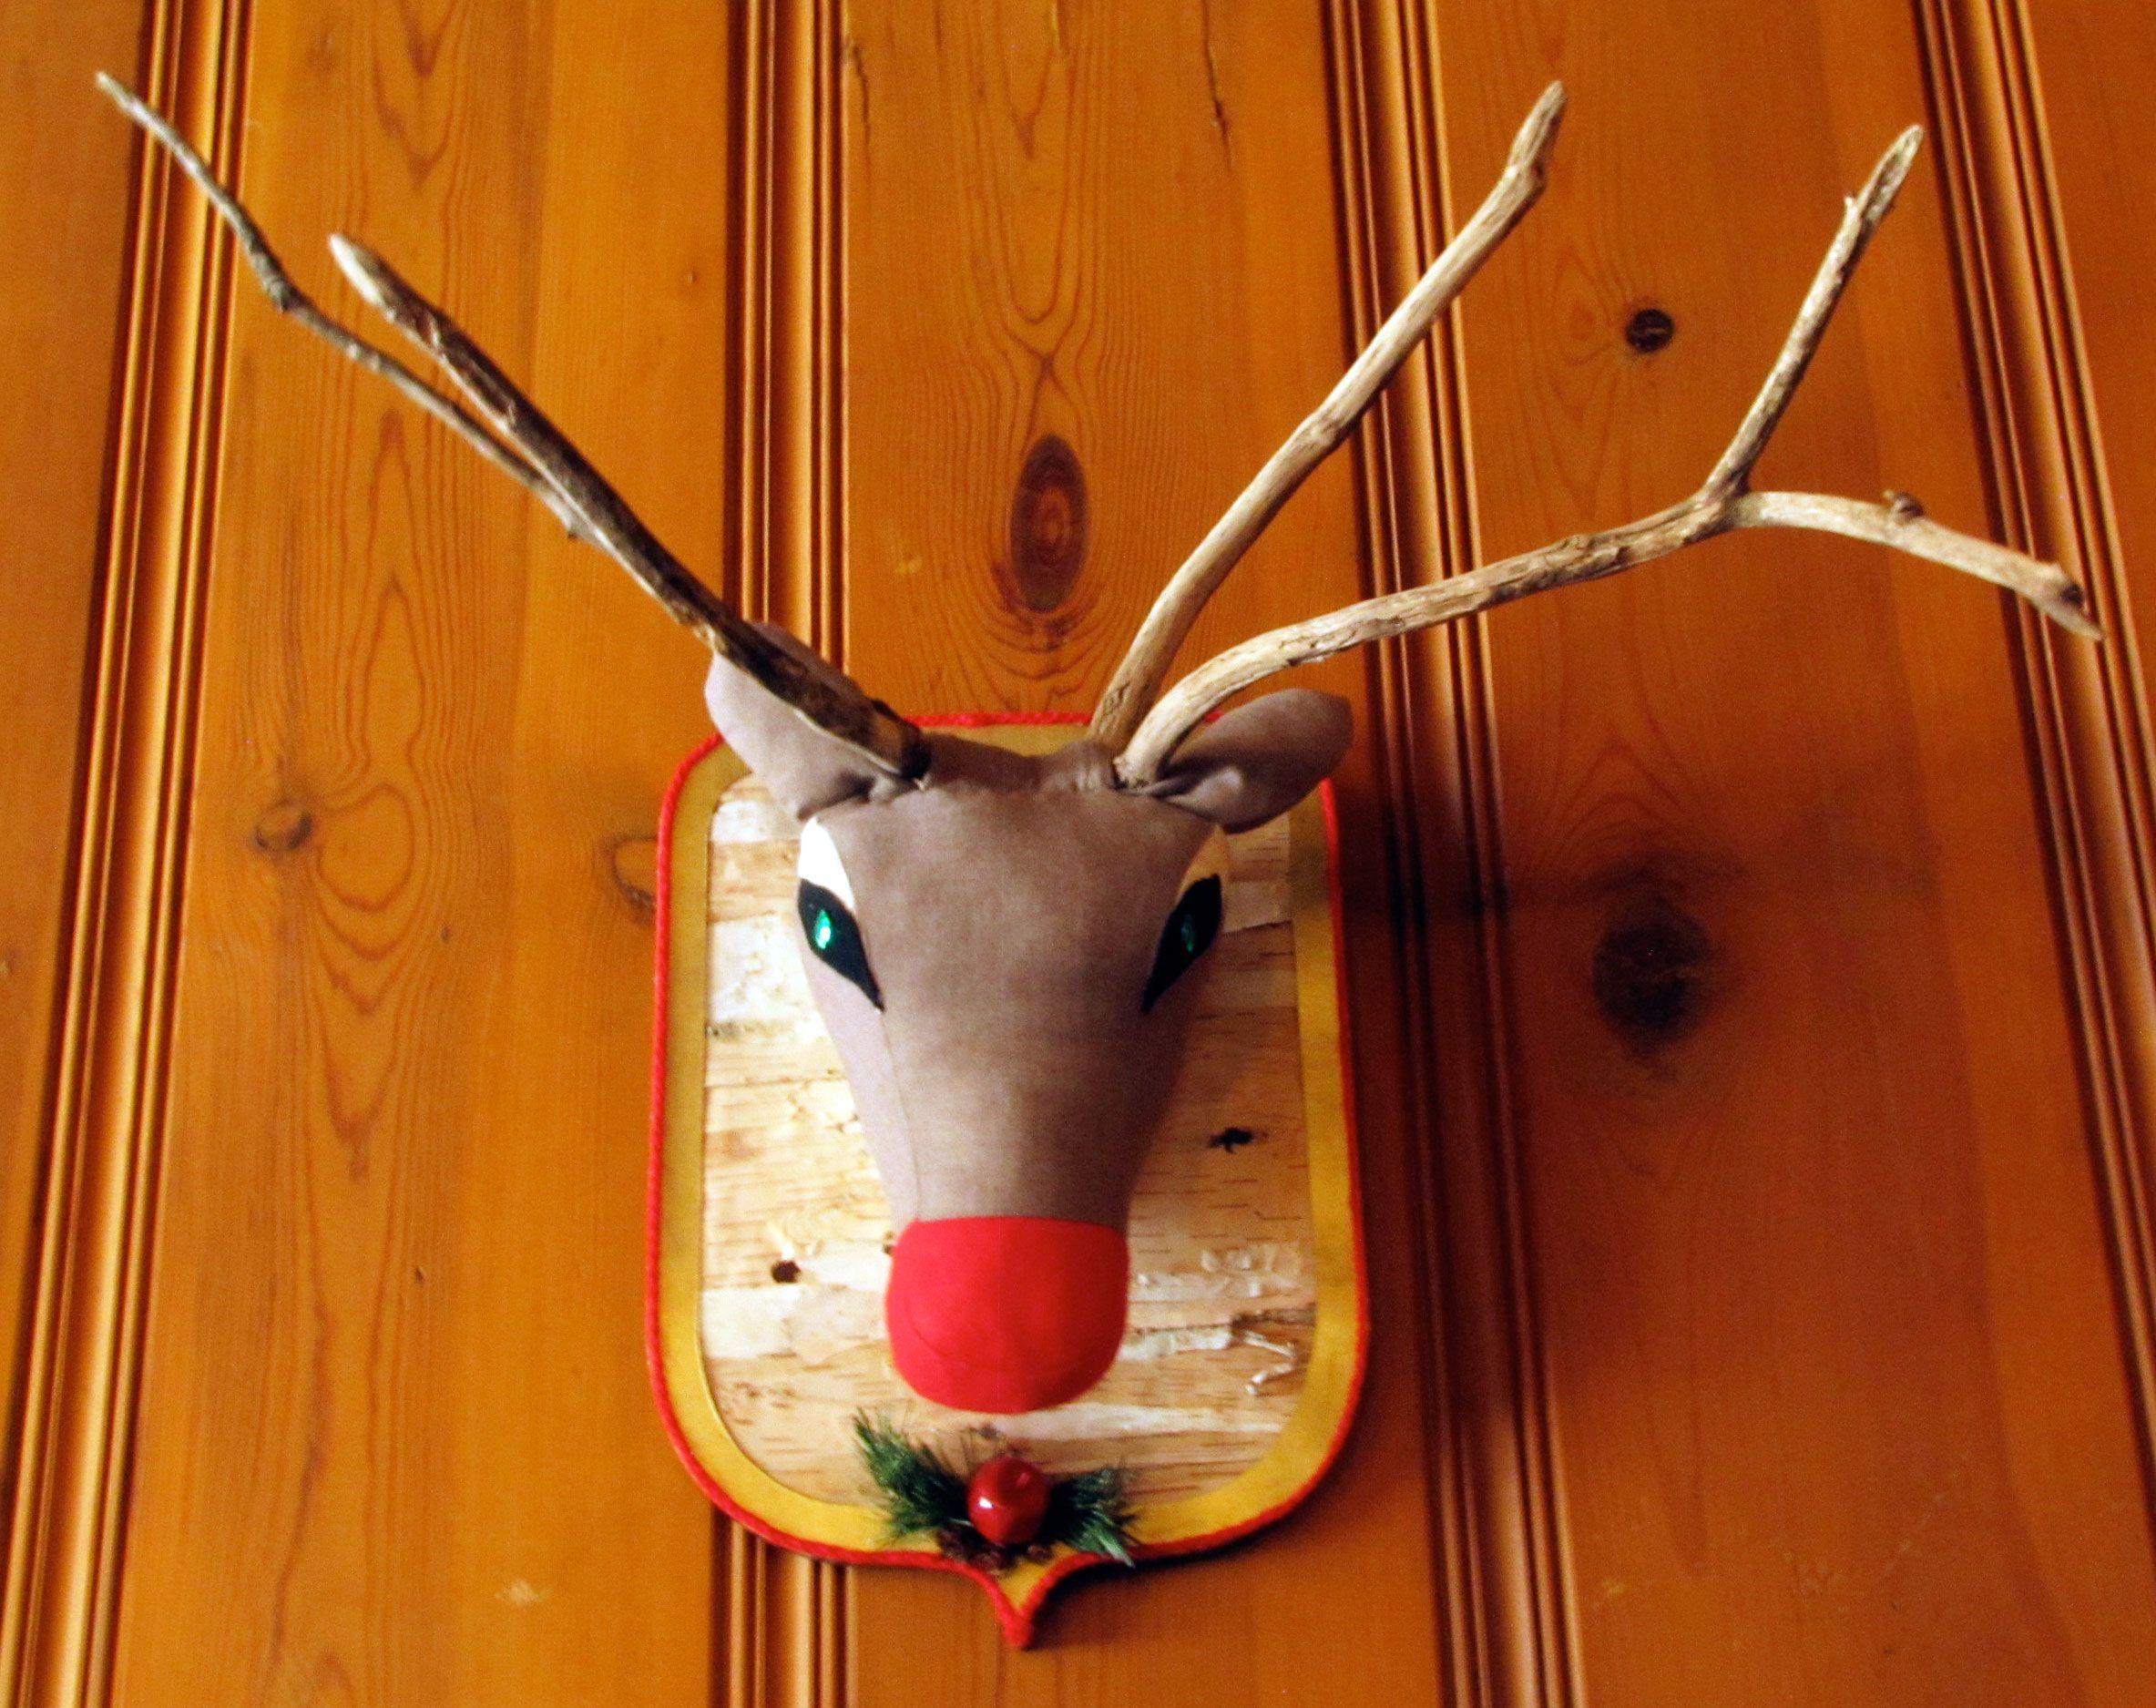 Renne de Noël fabriqué de retailles de tissu, de branches mortes et de débrouillardise.